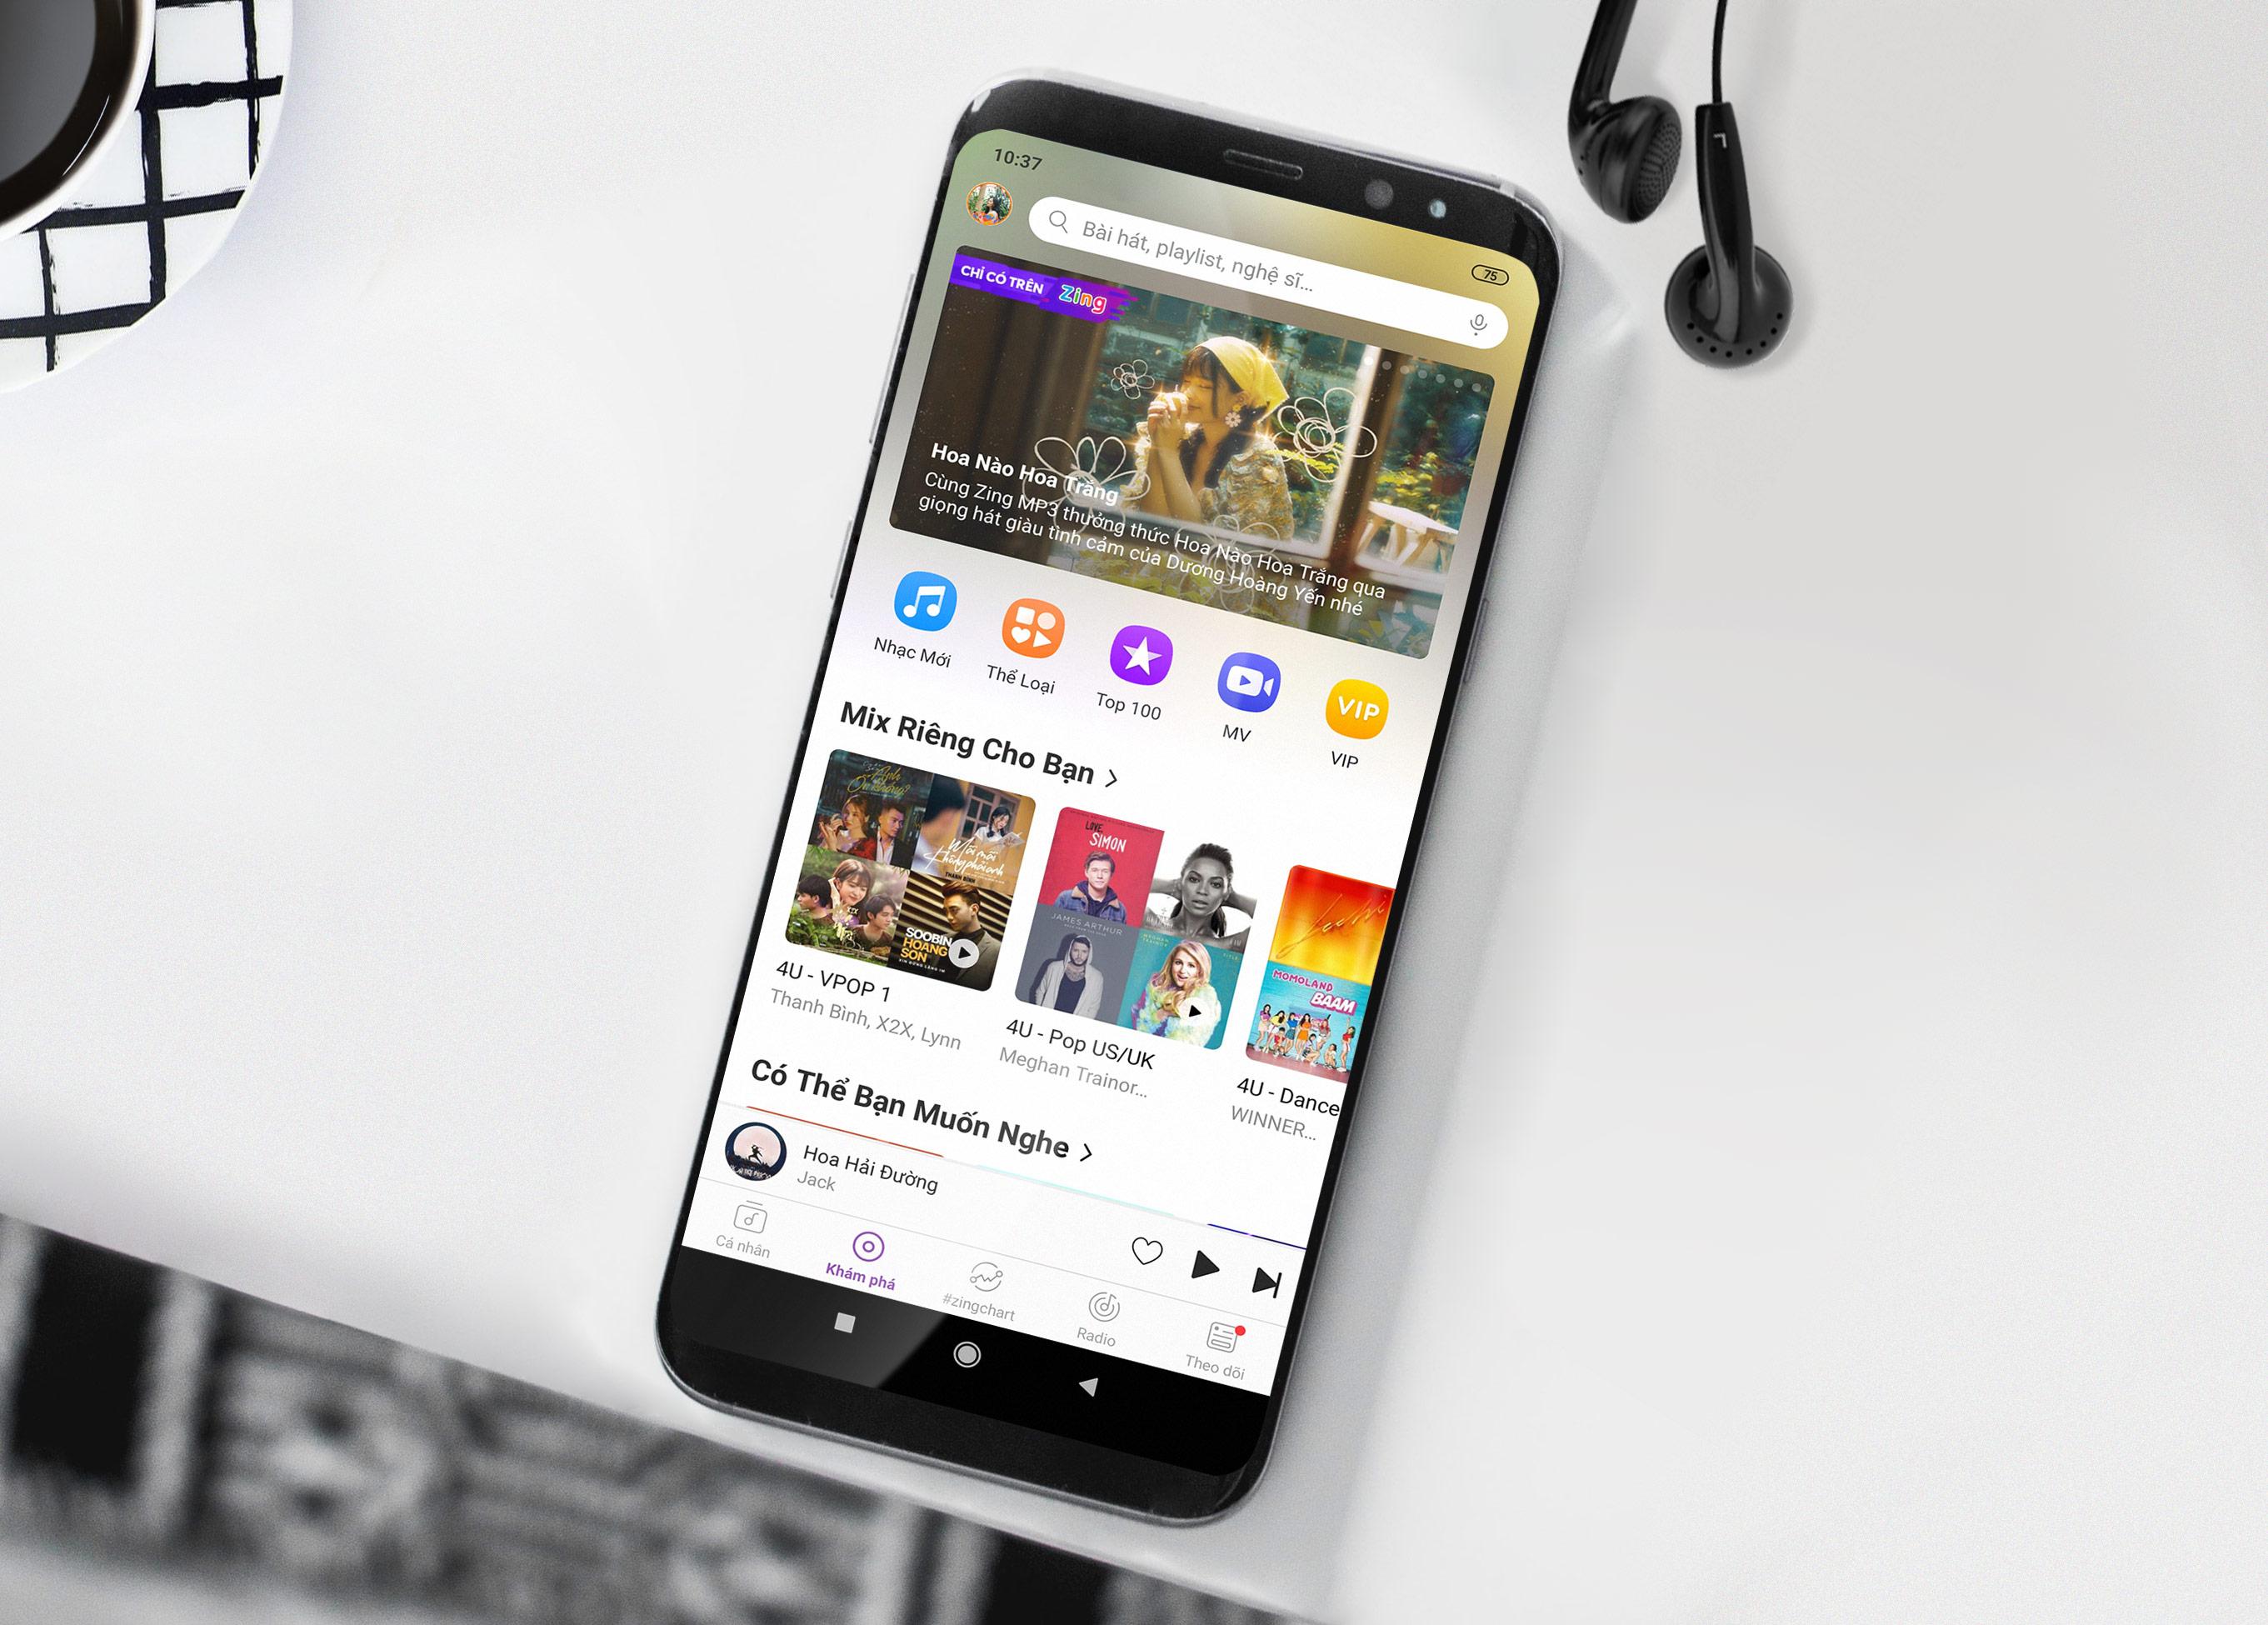 Zing MP3 bổ sung tính năng AI, tăng trải nghiệm nghe nhạc cho người dùng - Ảnh 1.